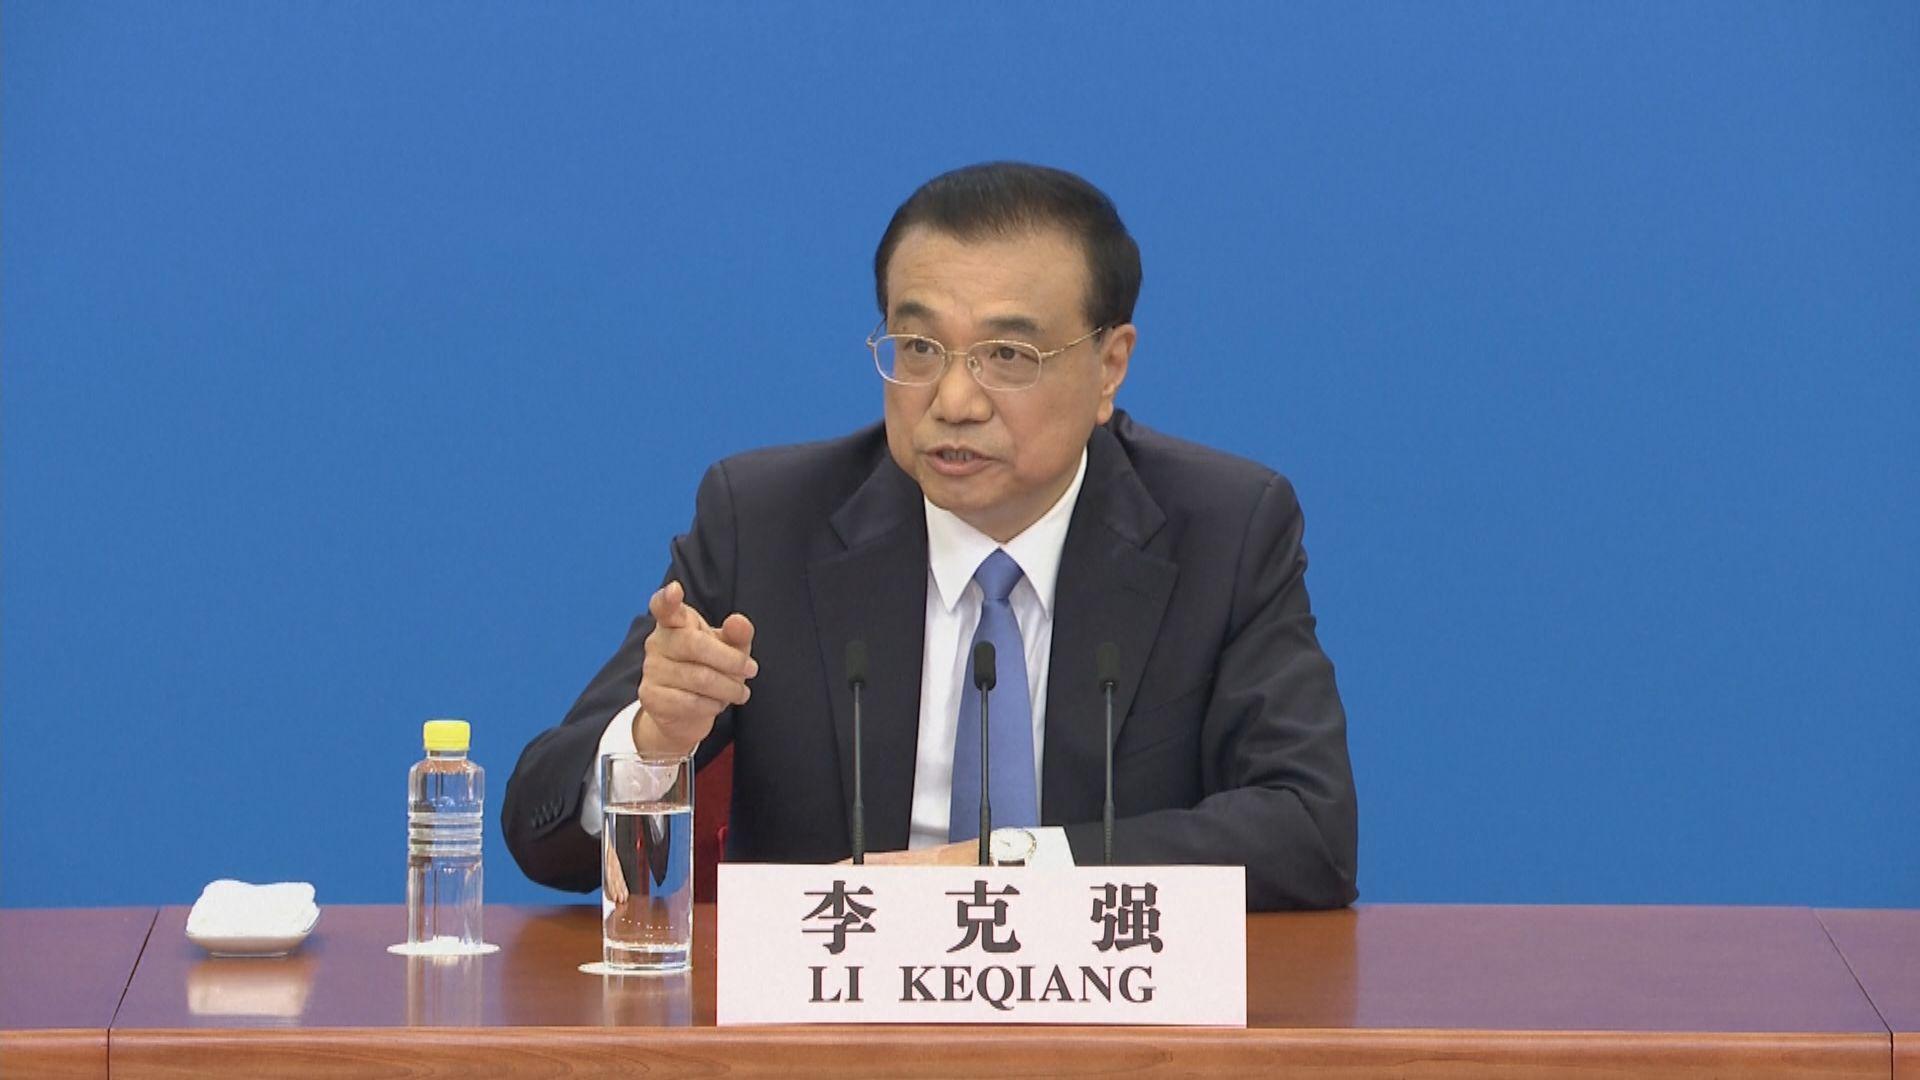 【工作報告】李克強:爭取中國經濟今年有一定幅度增長